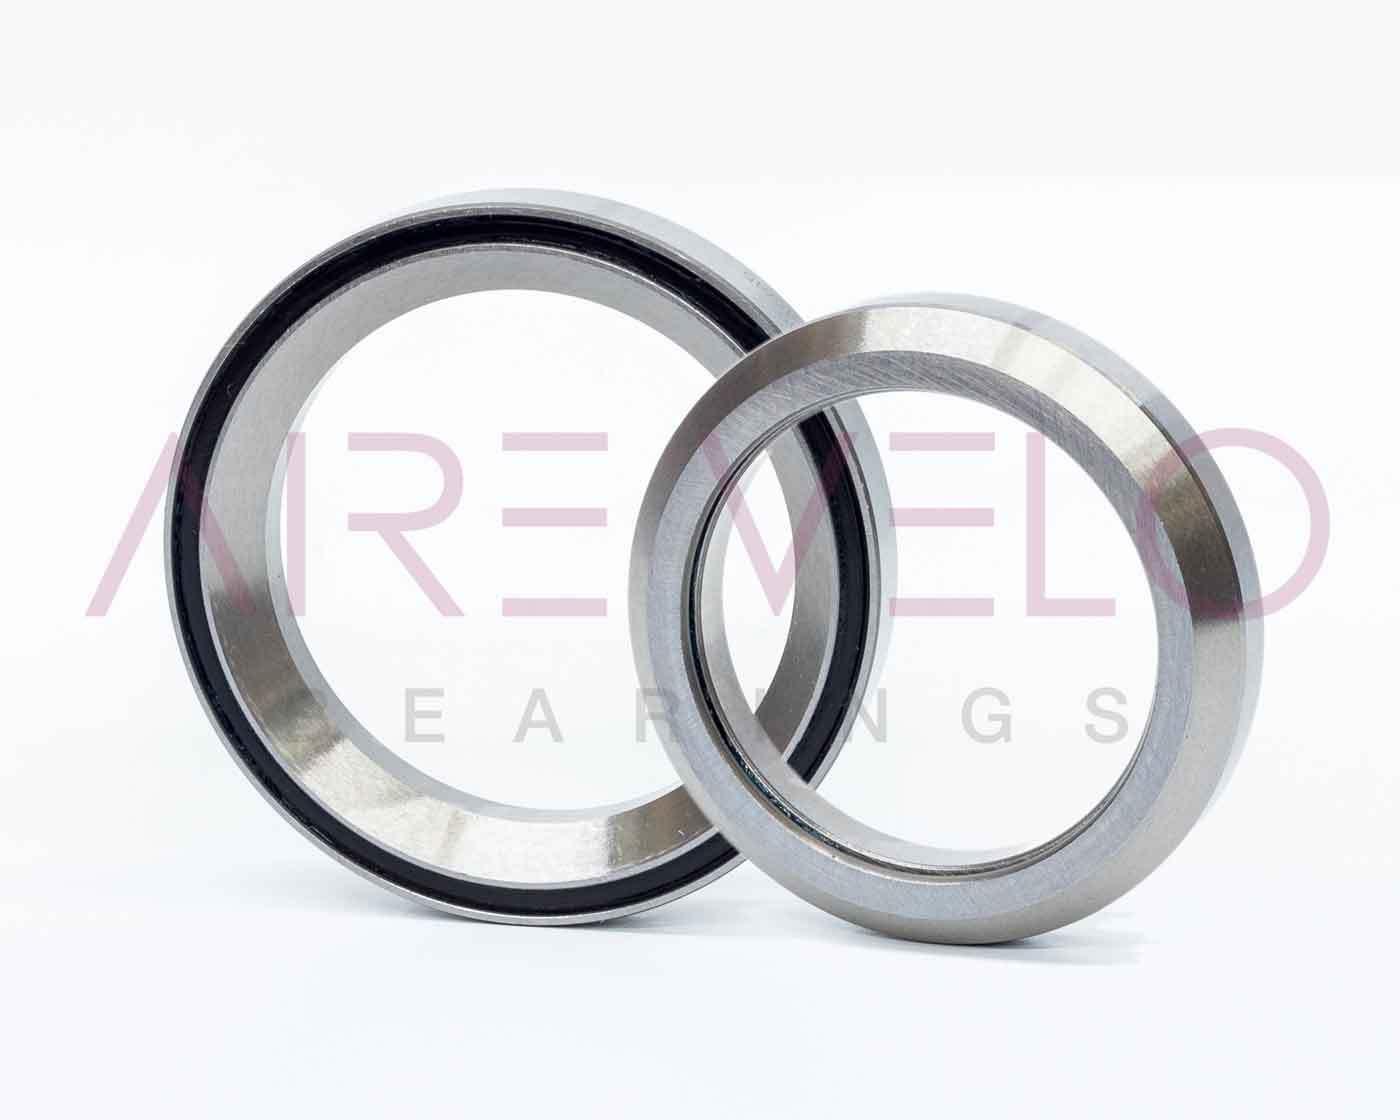 GIANT TCR Casque Roulements en acier ou Hybride Céramique Céramique Céramique 1e5d76